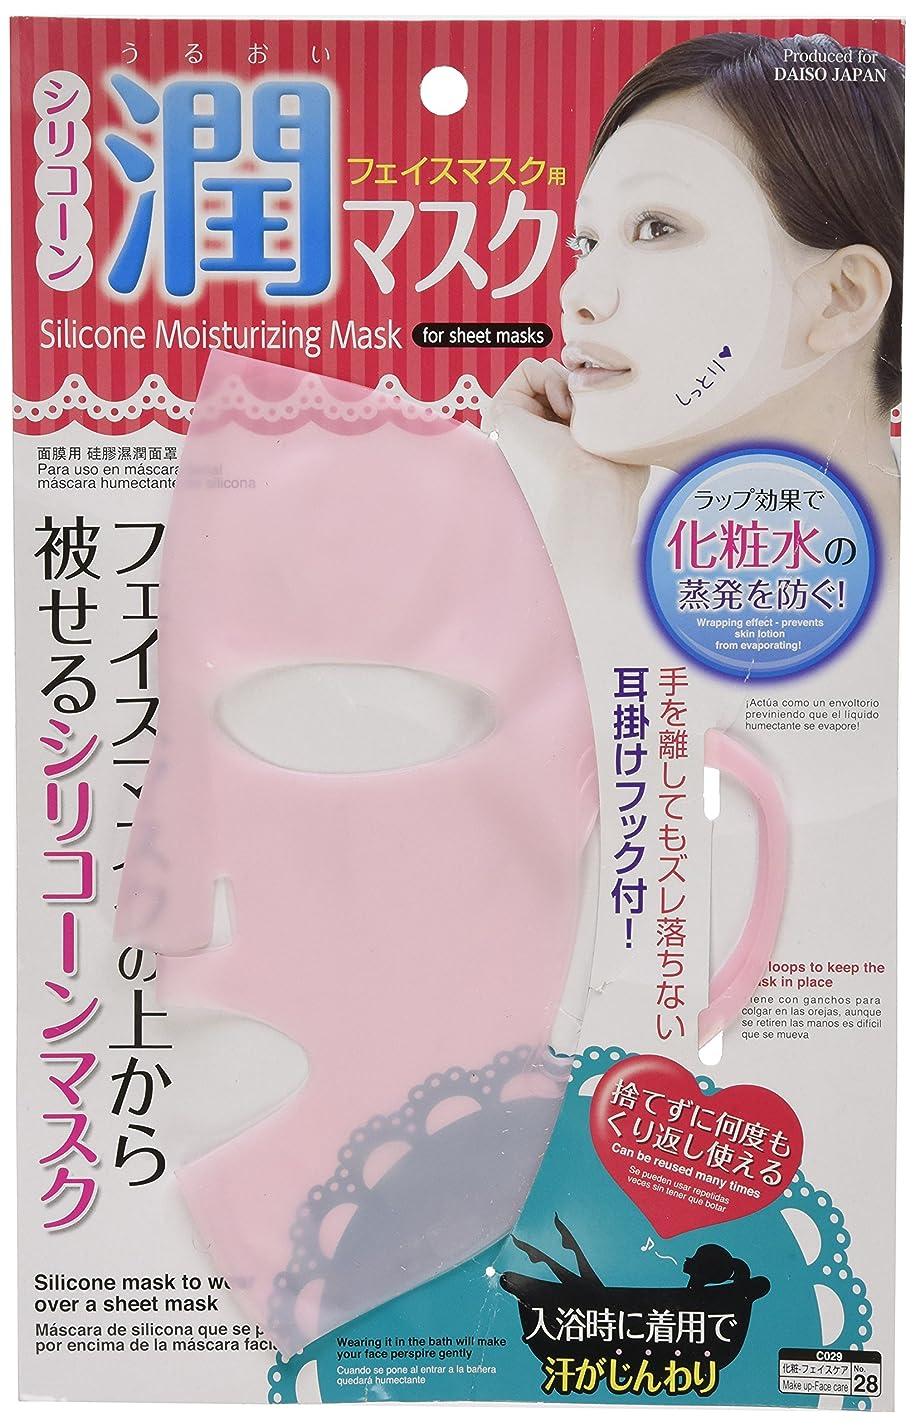 目的リフト好戦的なシリコン潤マスク フェイスマスク ピンク/白 DAISO Silicone Reused Moisturizing Mask Ear Loop Type 1pc Random Color